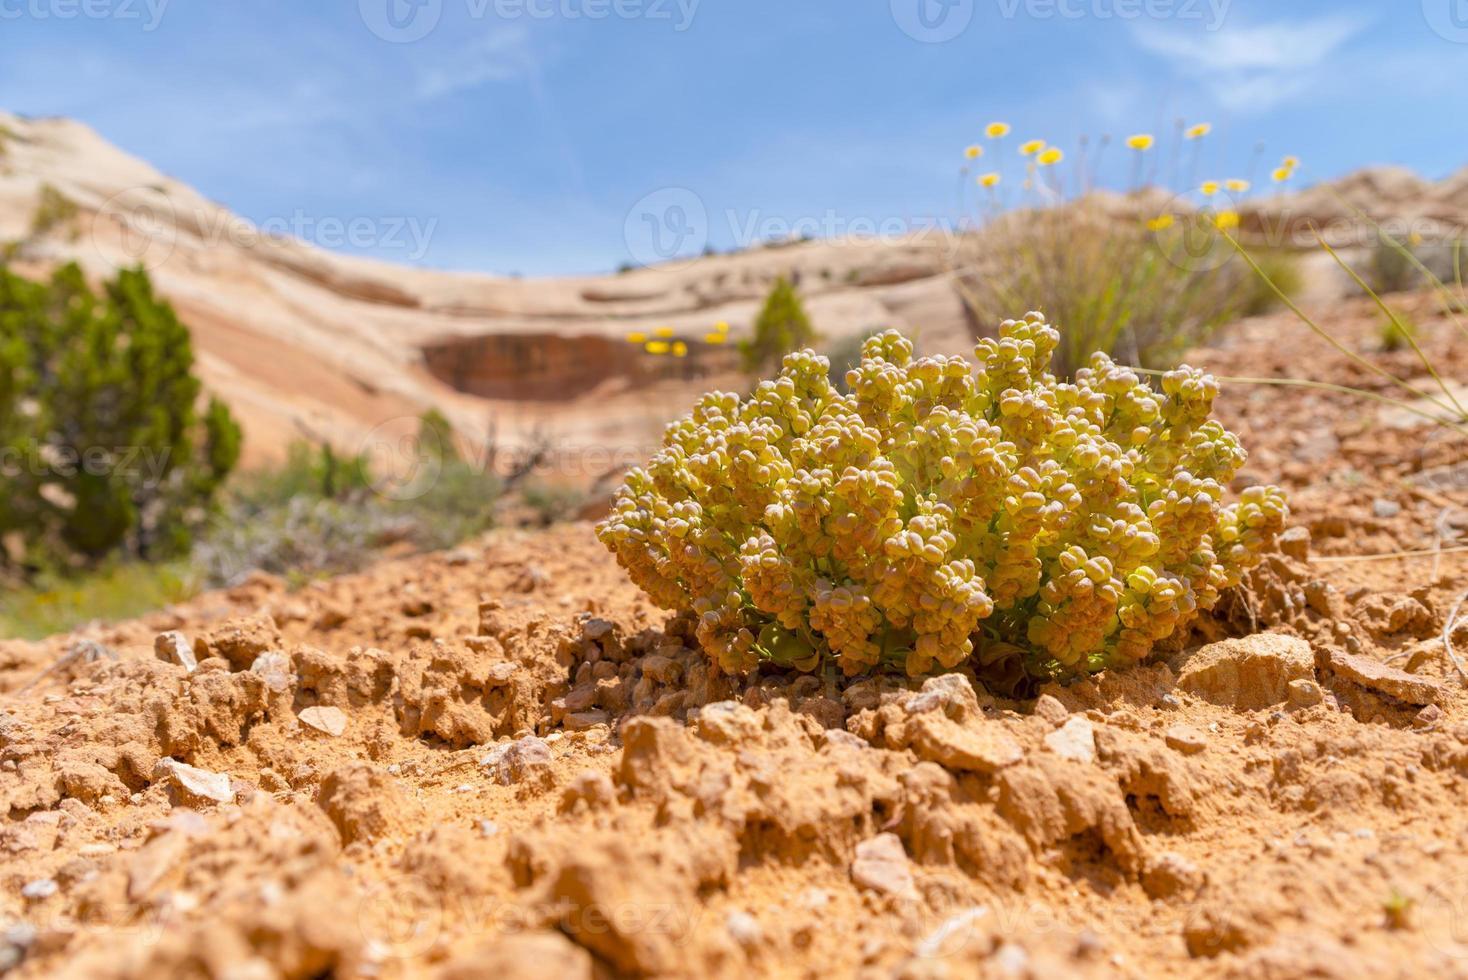 végétation désertique photo